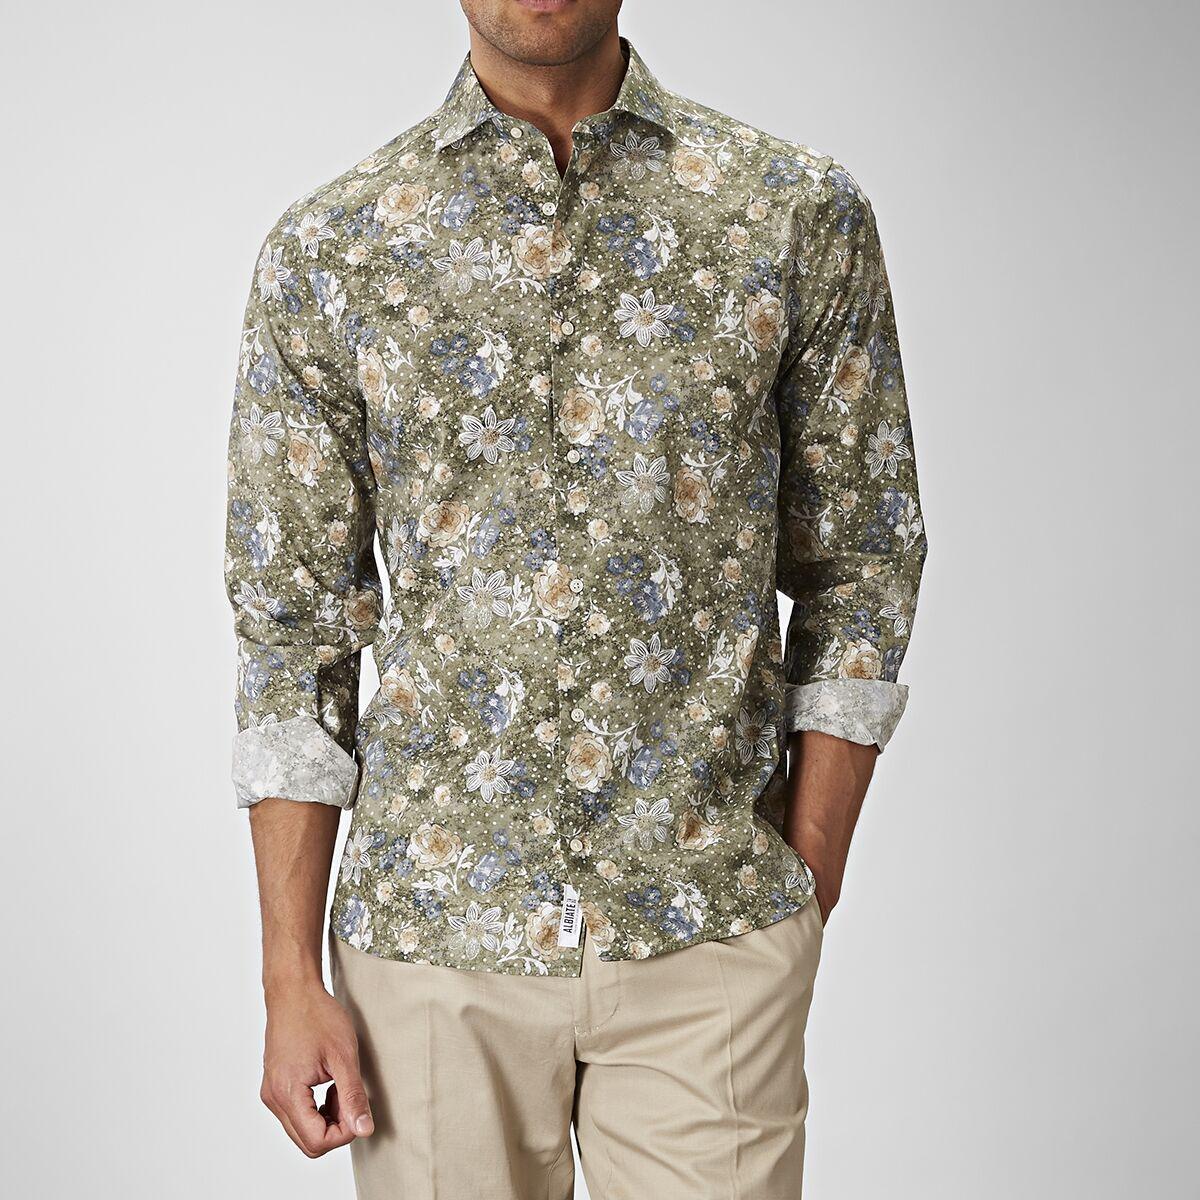 Tailor Club Vihreä kukkakuvioinen paita, Carlton